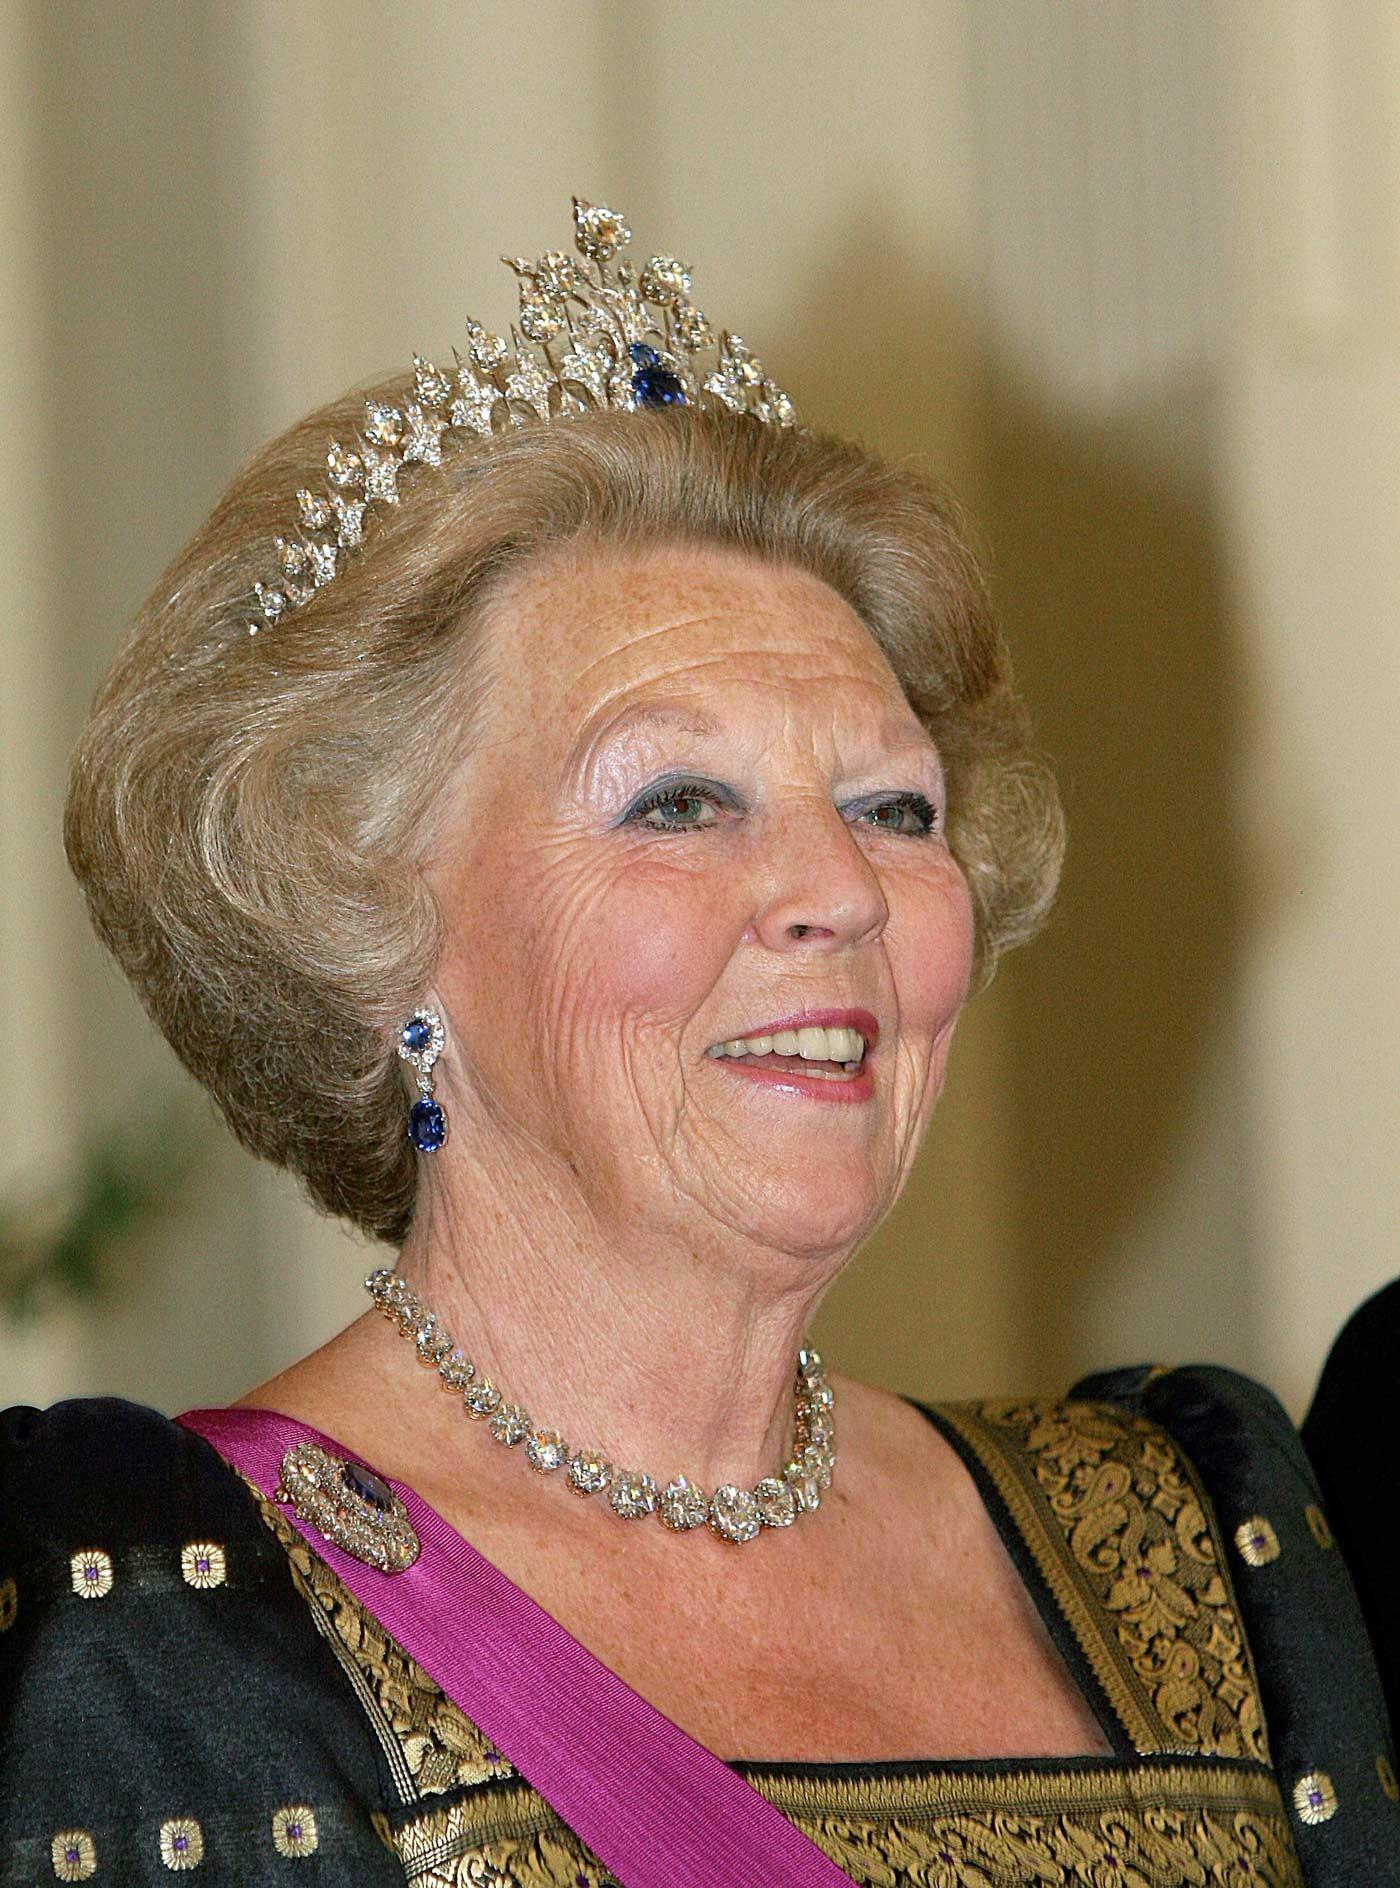 Koningin Beatrix met het saffier diadeem Blog Zilver.nl